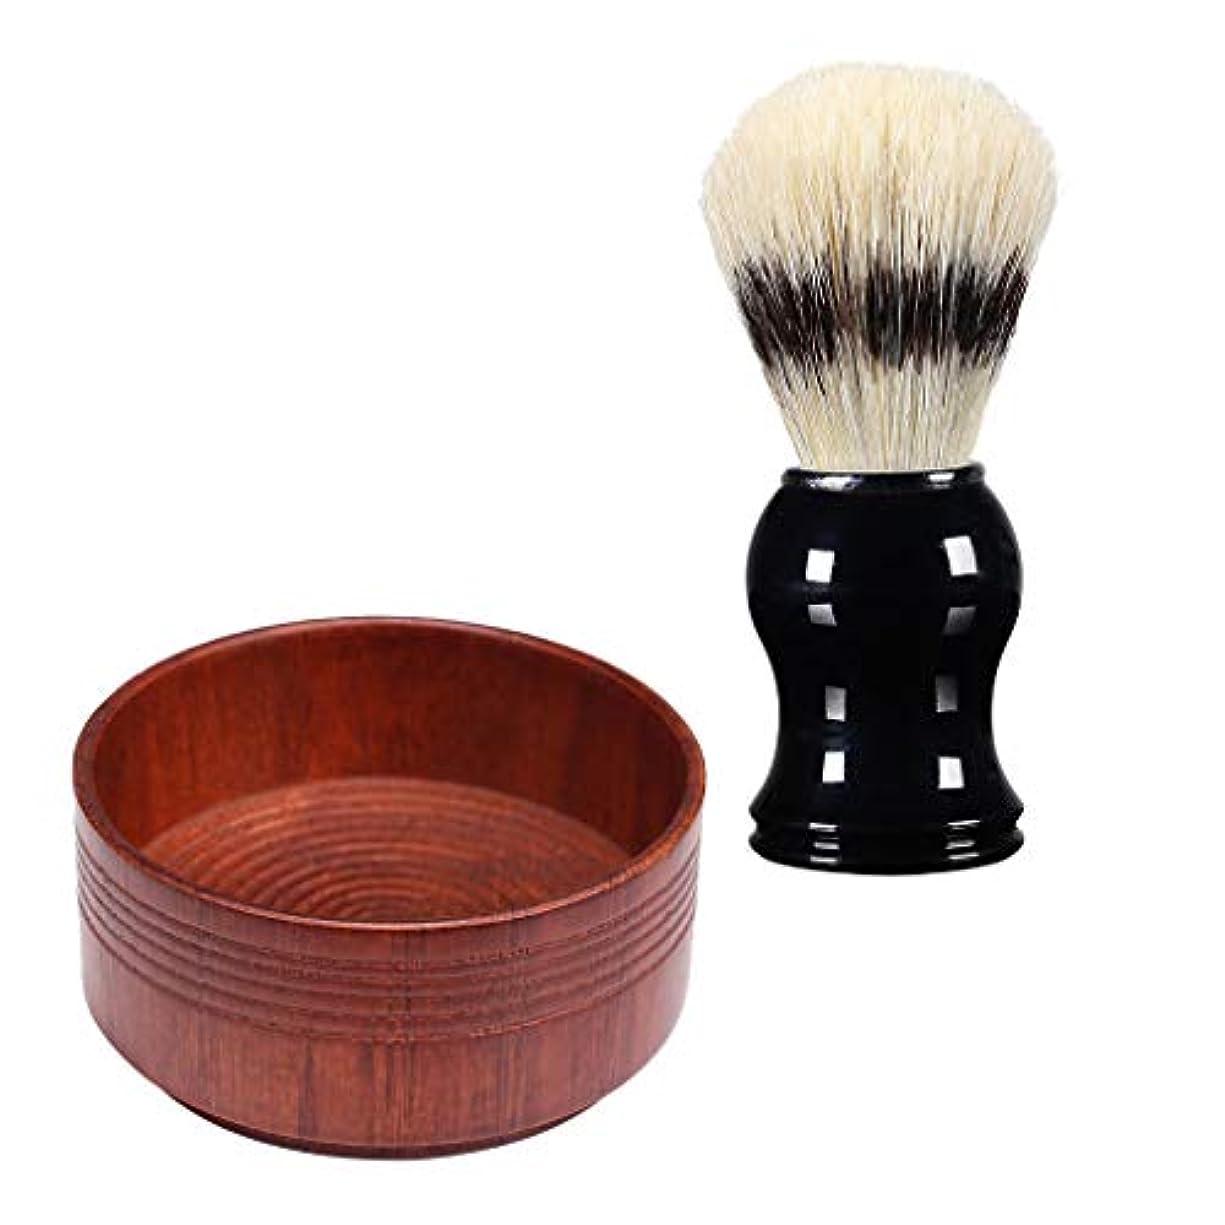 旅行代理店規則性のホストHellery プロの男性のひげシェービングブラシ+オーク木製の石鹸クリームボウルマグカップセット - 03, 説明のとおり